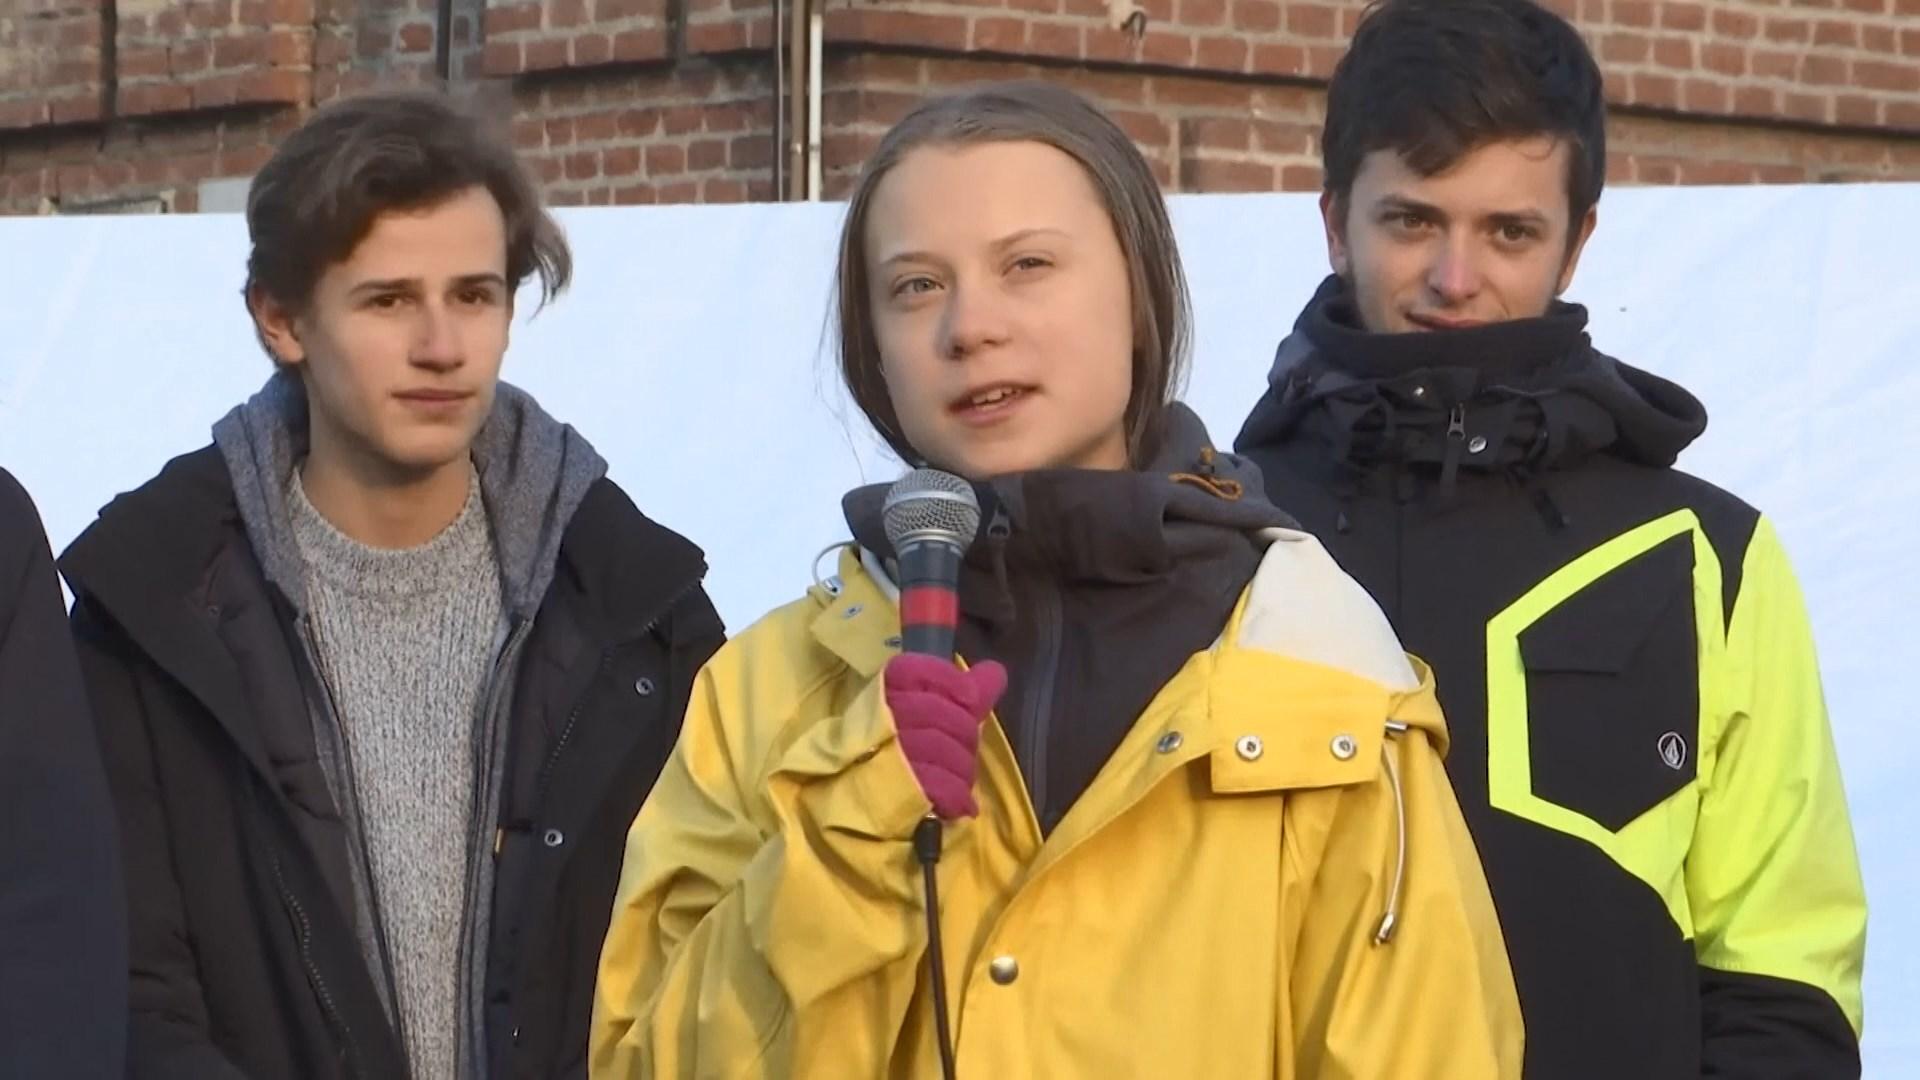 【環球薈報】瑞典環保少女乘火車坐地照片引發爭議